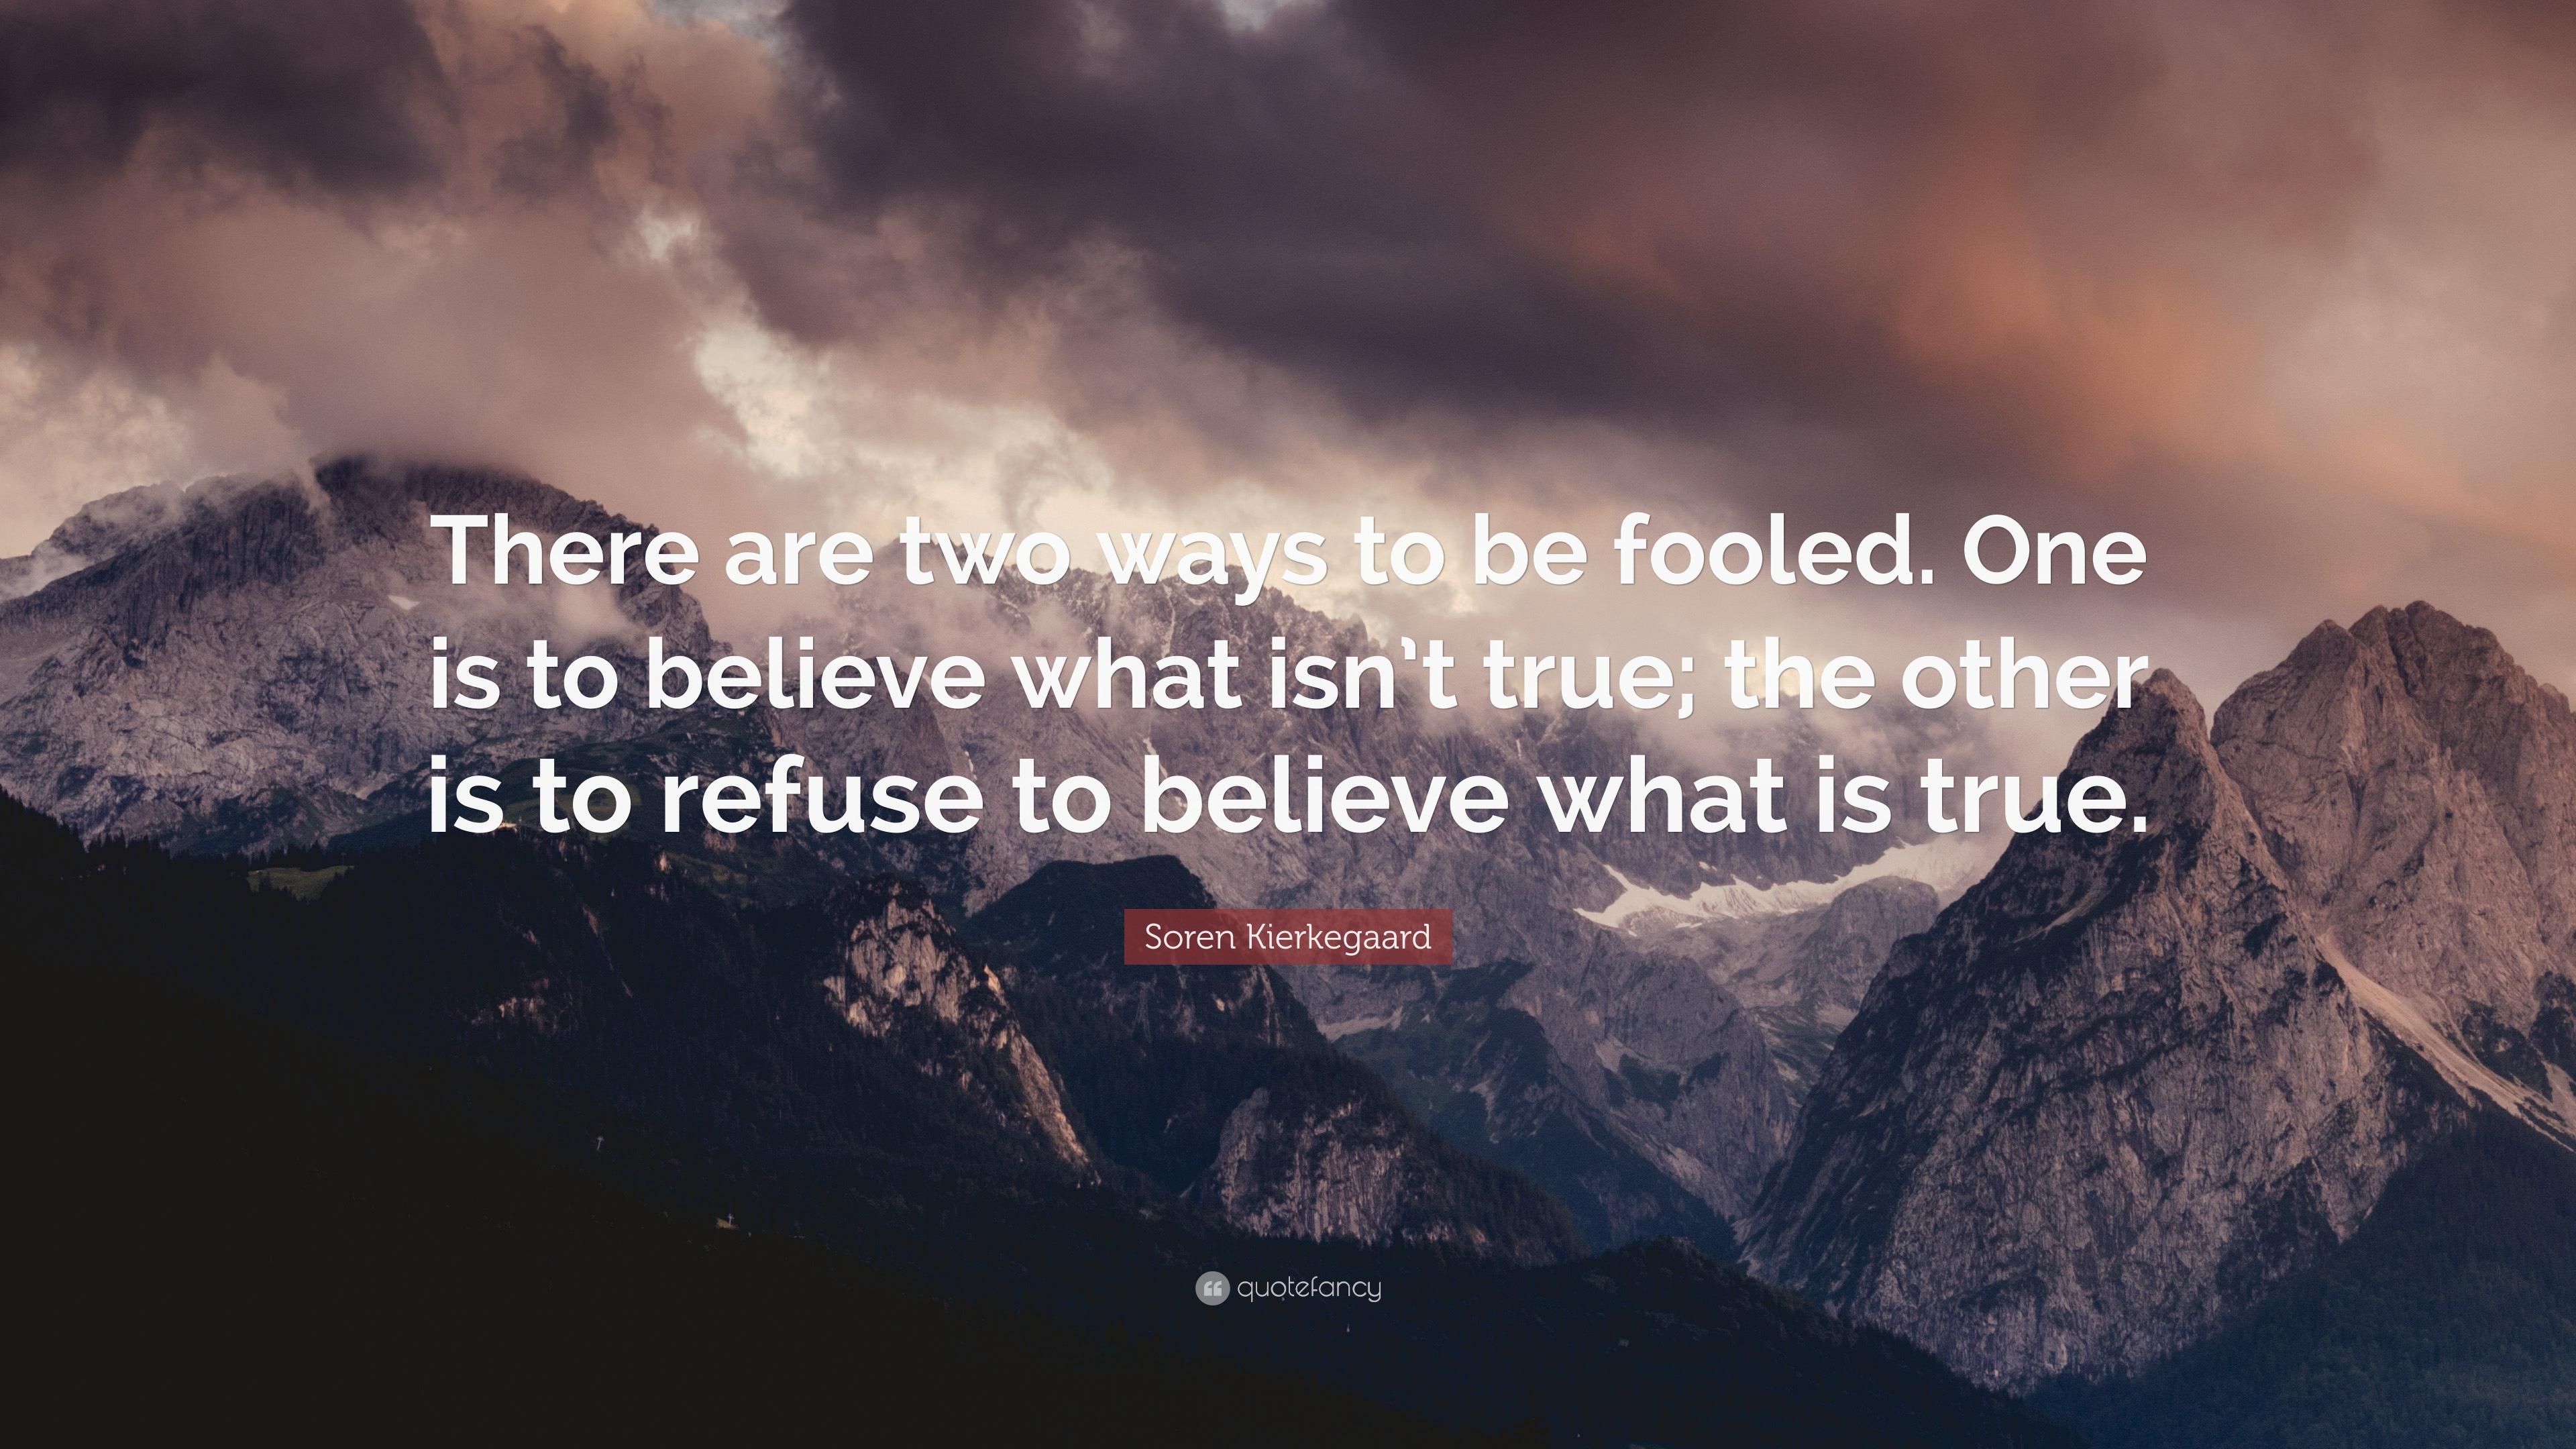 """Soren Kierkegaard Quotes 100 Wallpapers: Soren Kierkegaard Quote: """"There Are Two Ways To Be Fooled"""